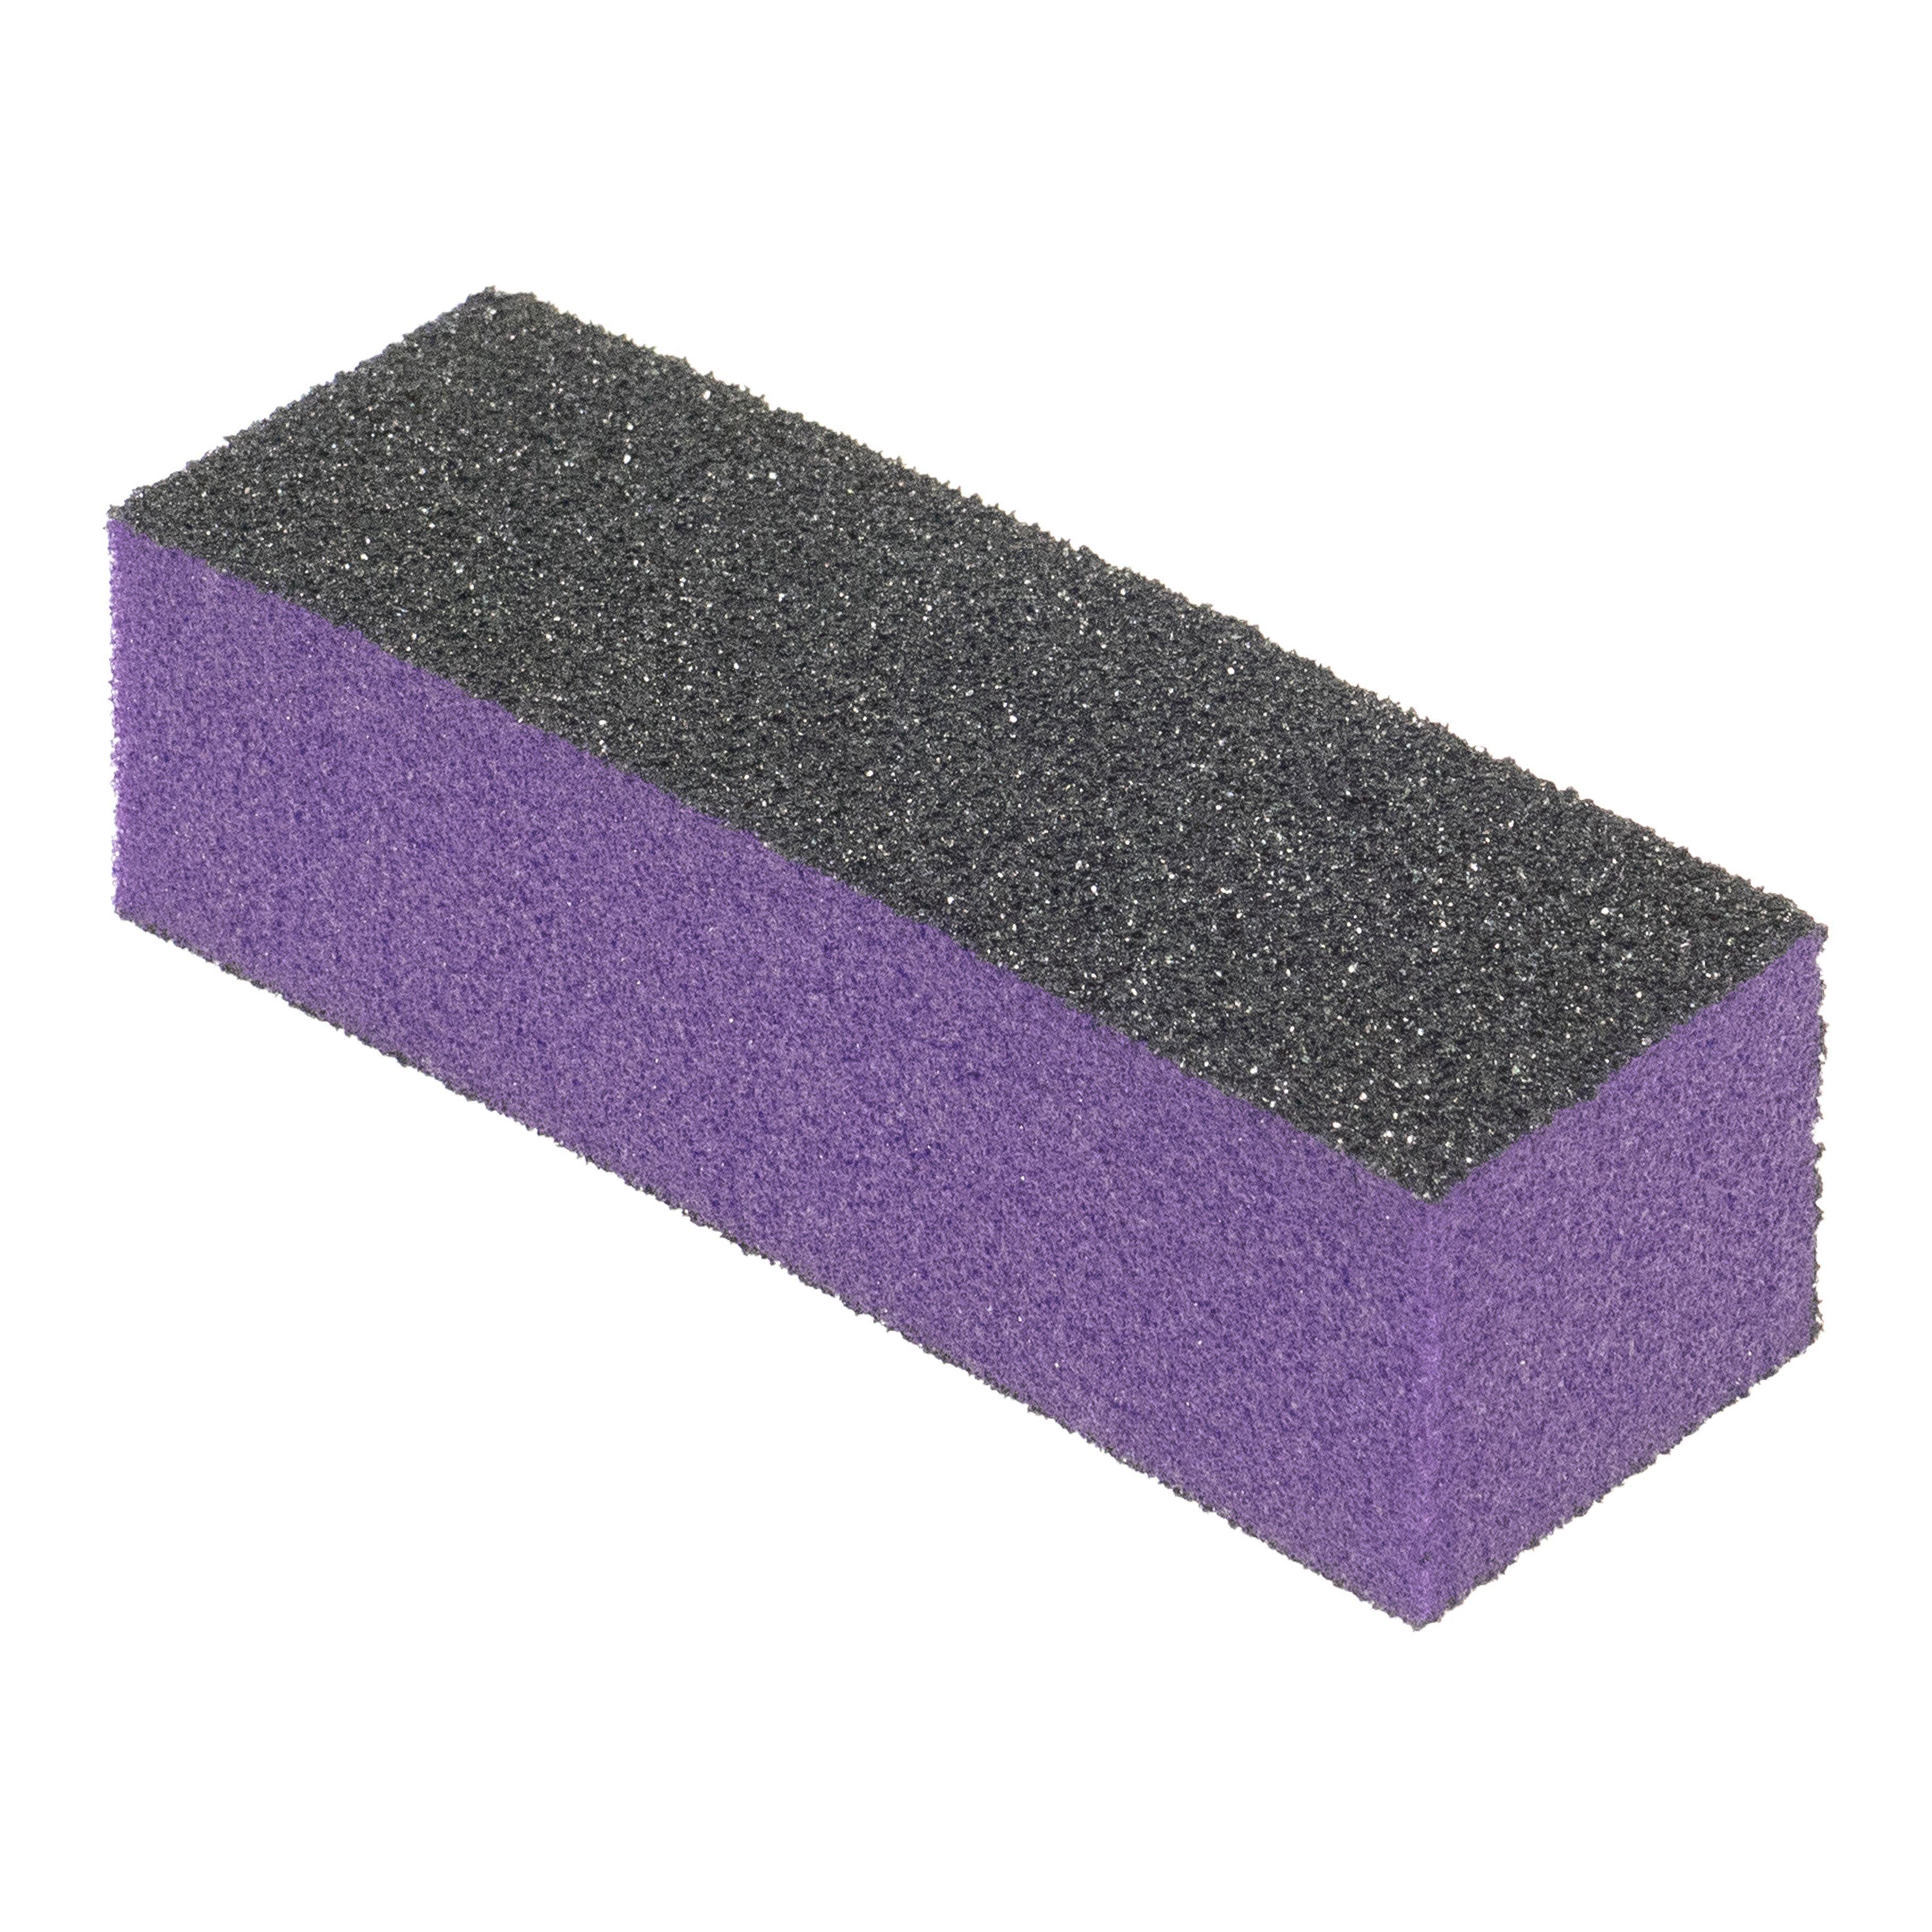 NANI blok na nechty, trojstranný, 60/60/100 - Fialová